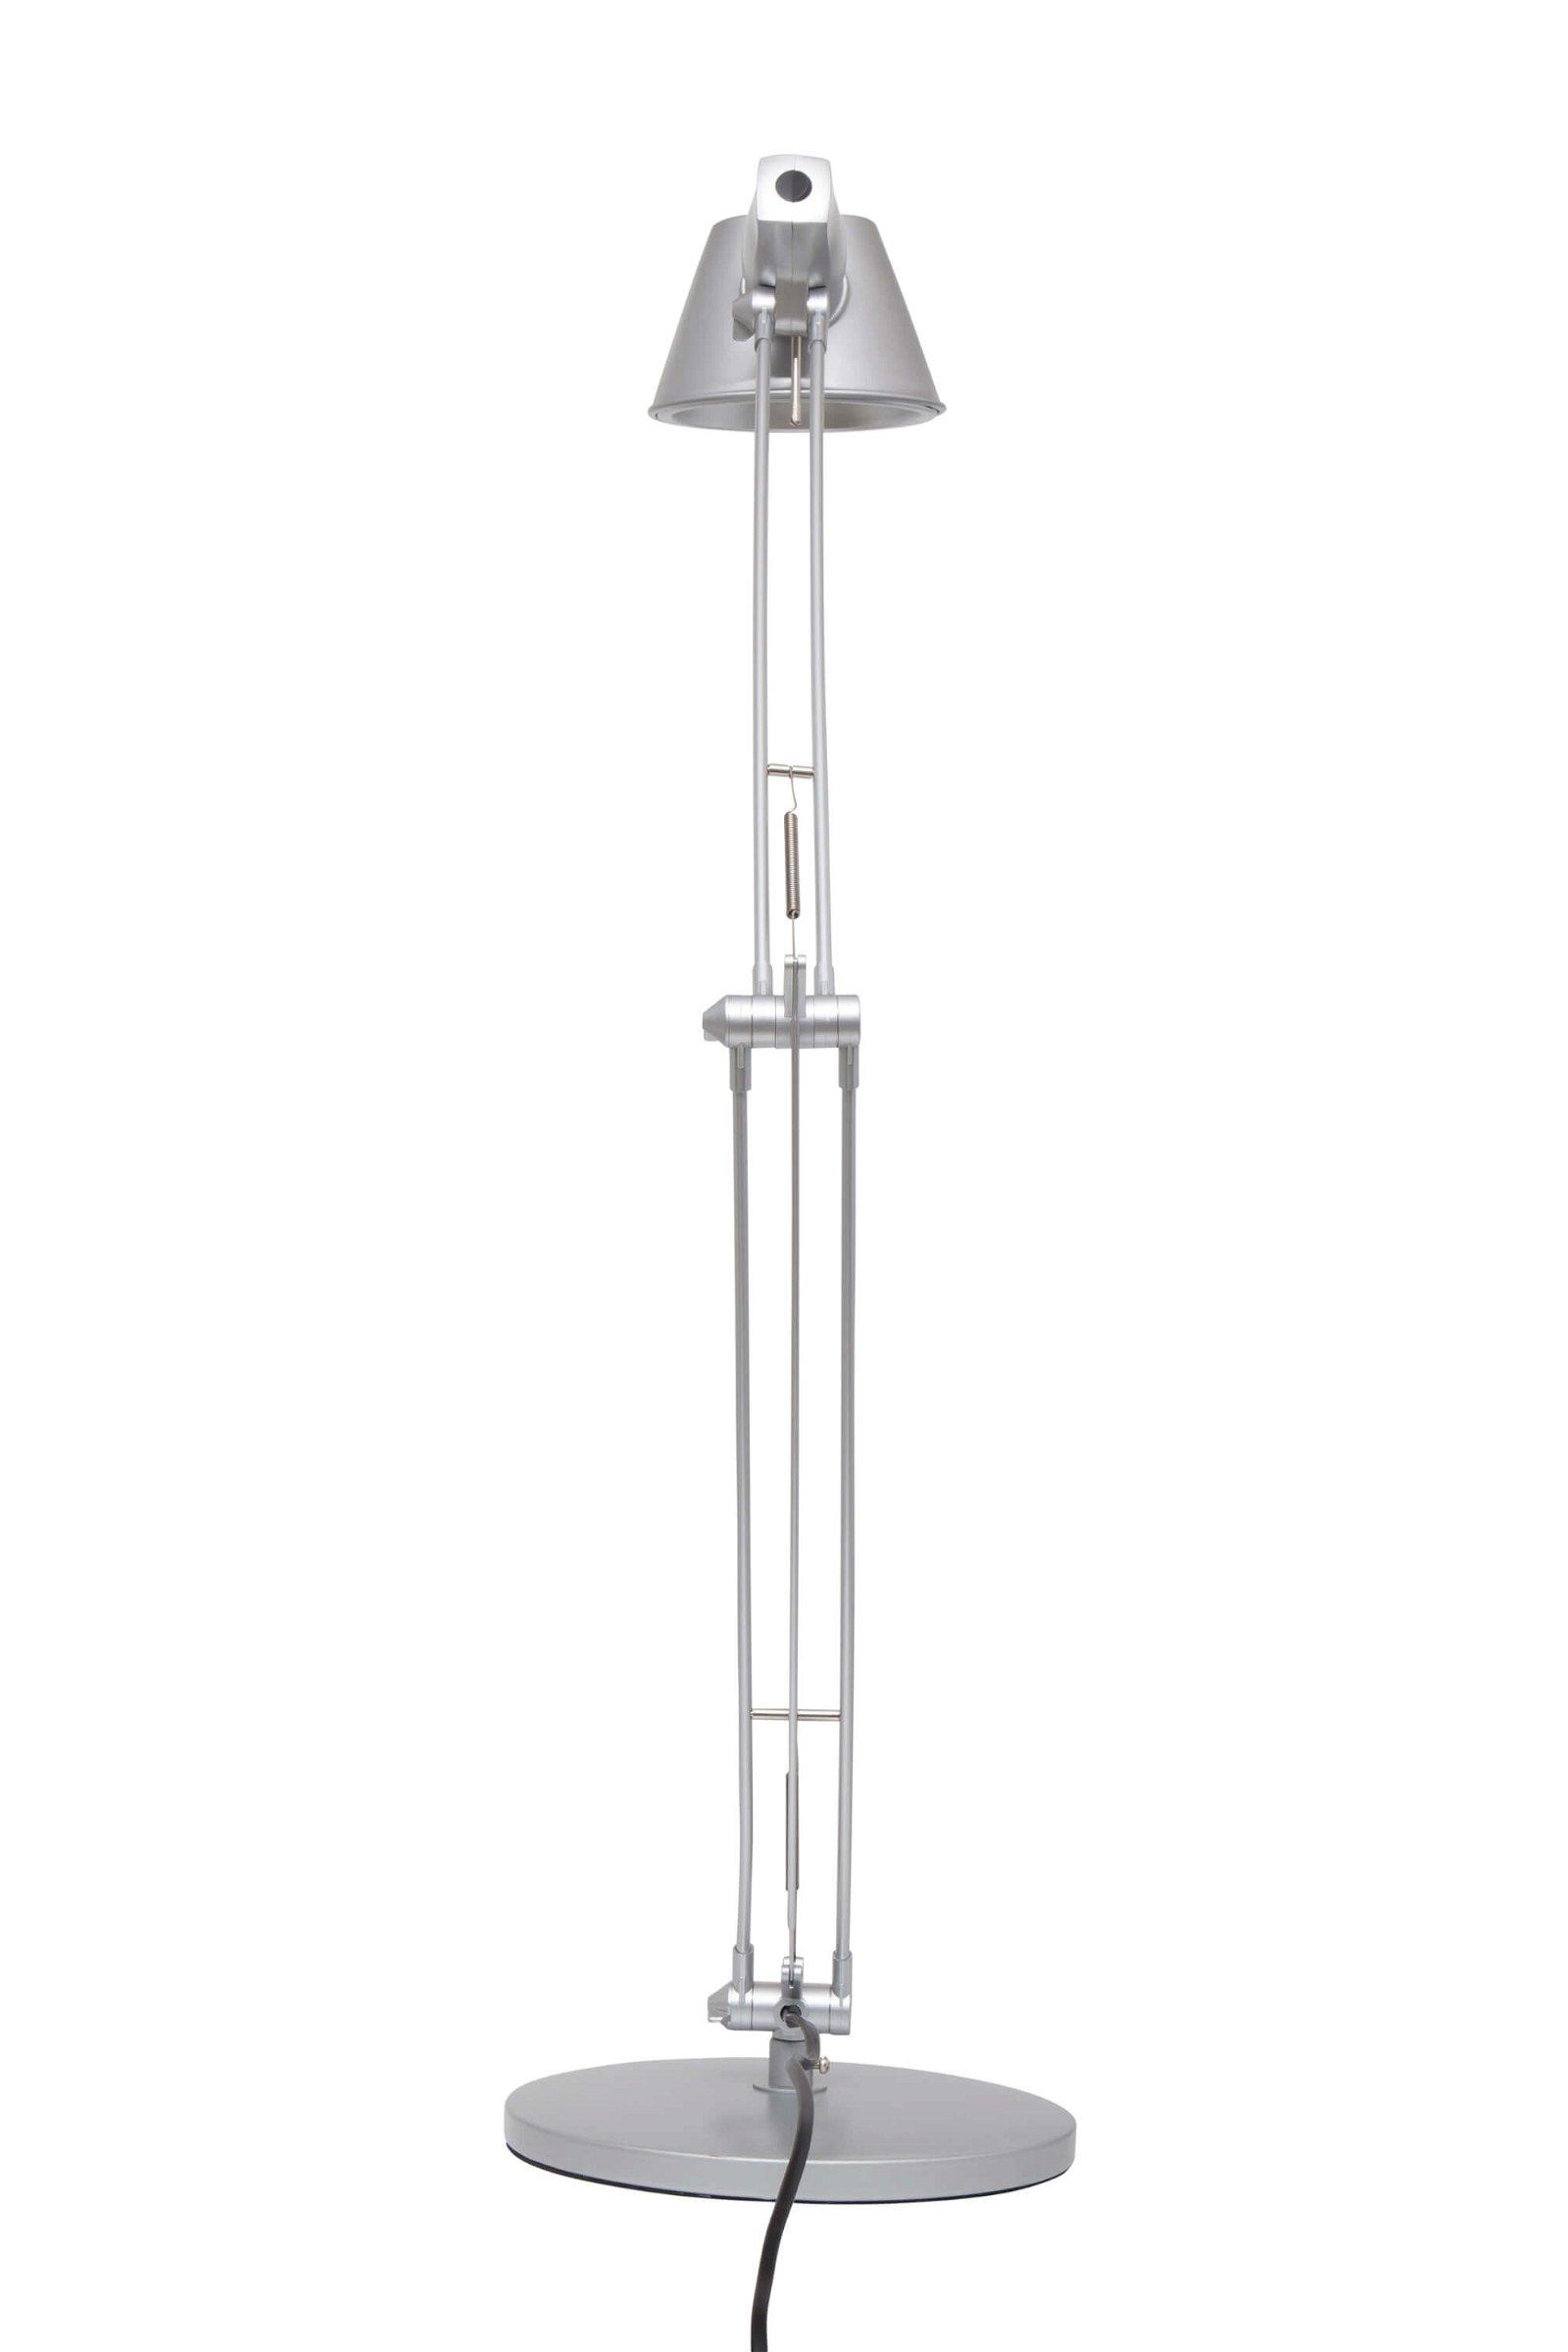 Energiespar-Tischleuchte MAULrock, silber